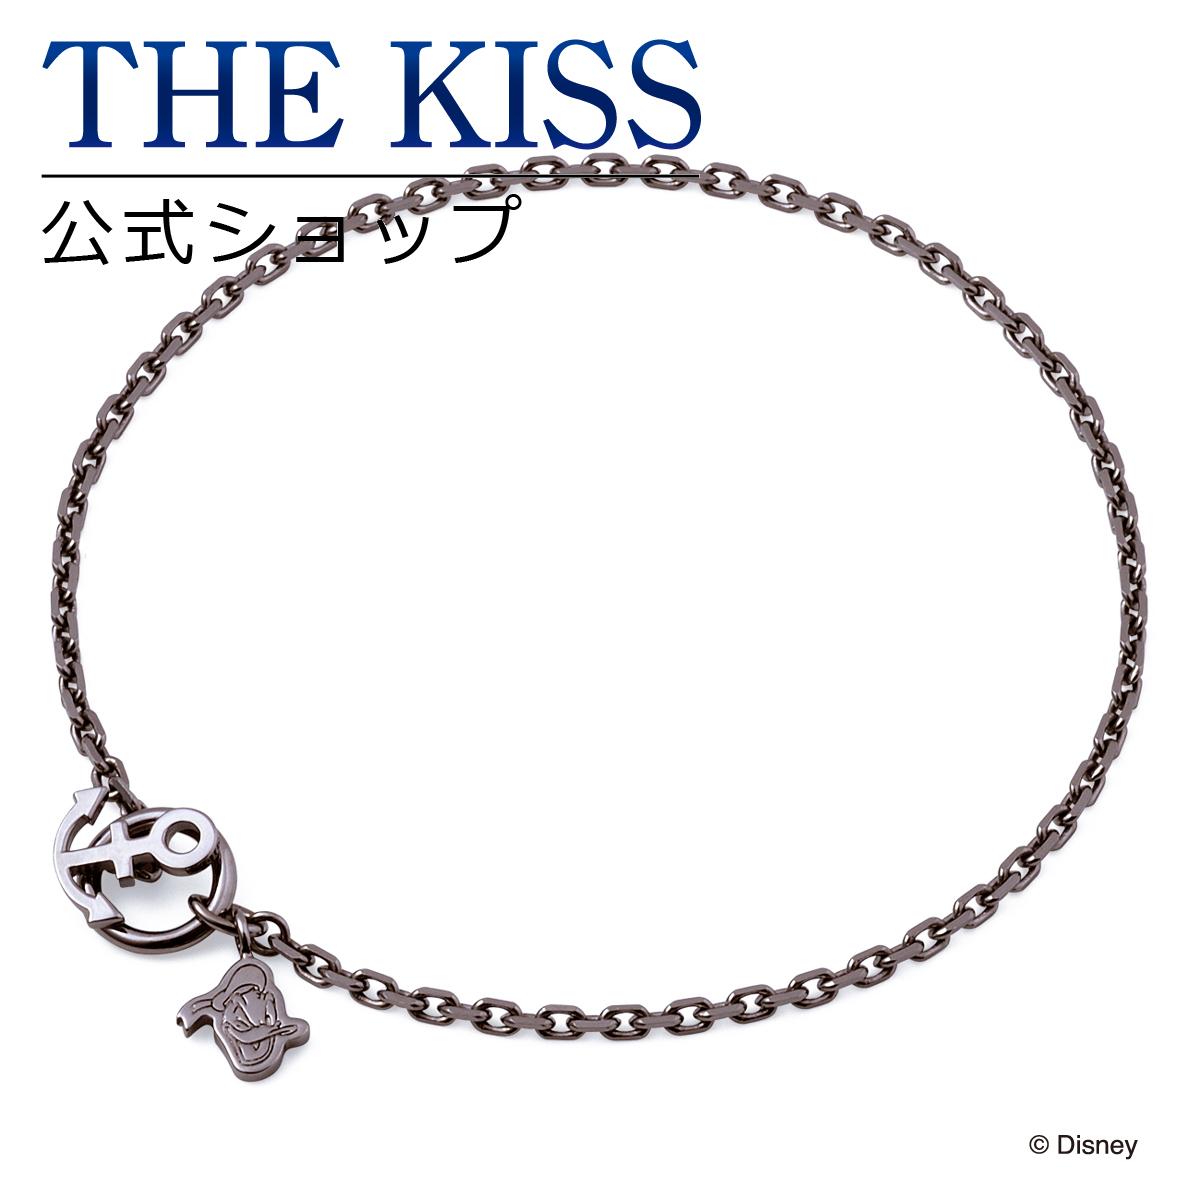 【あす楽対応】【ディズニーコレクション】 ディズニー / ブレスレット / ドナルドダック / THE KISS ペア ブレスレット シルバー (メンズ) DI-SBR1201 ザキス 【送料無料】